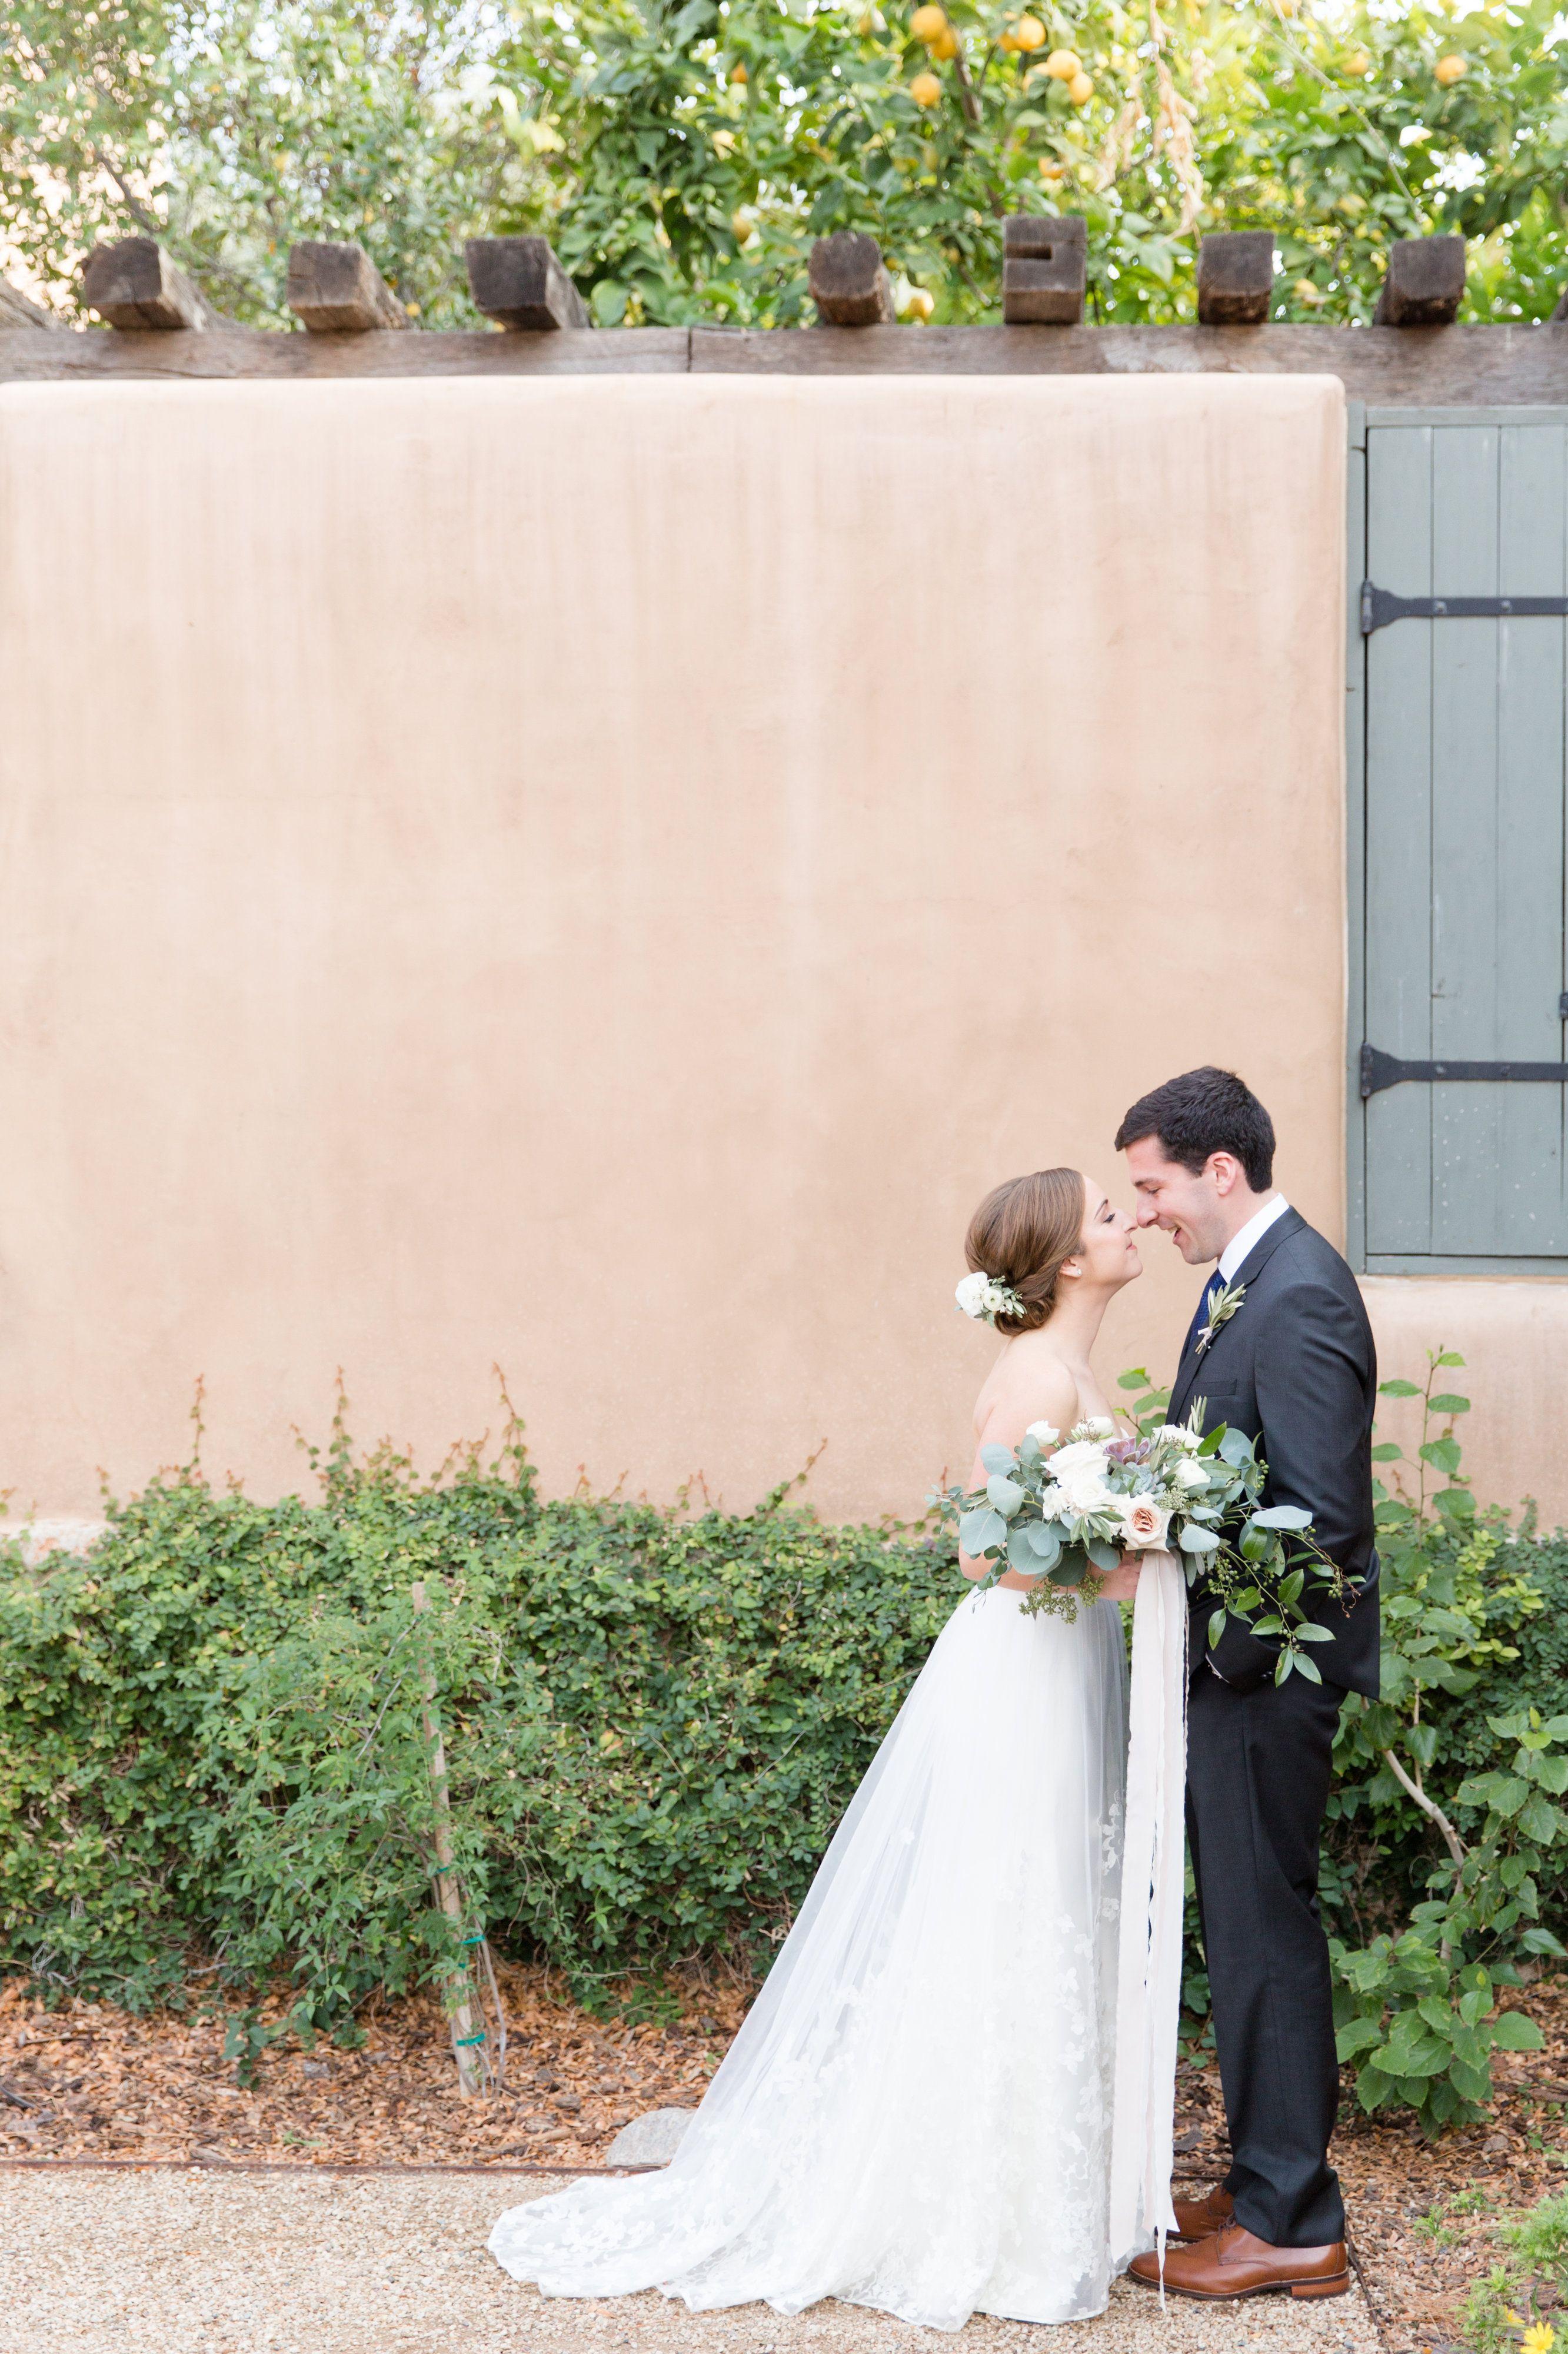 Silverleaf country club wedding in scottsdale arizona auj u bride